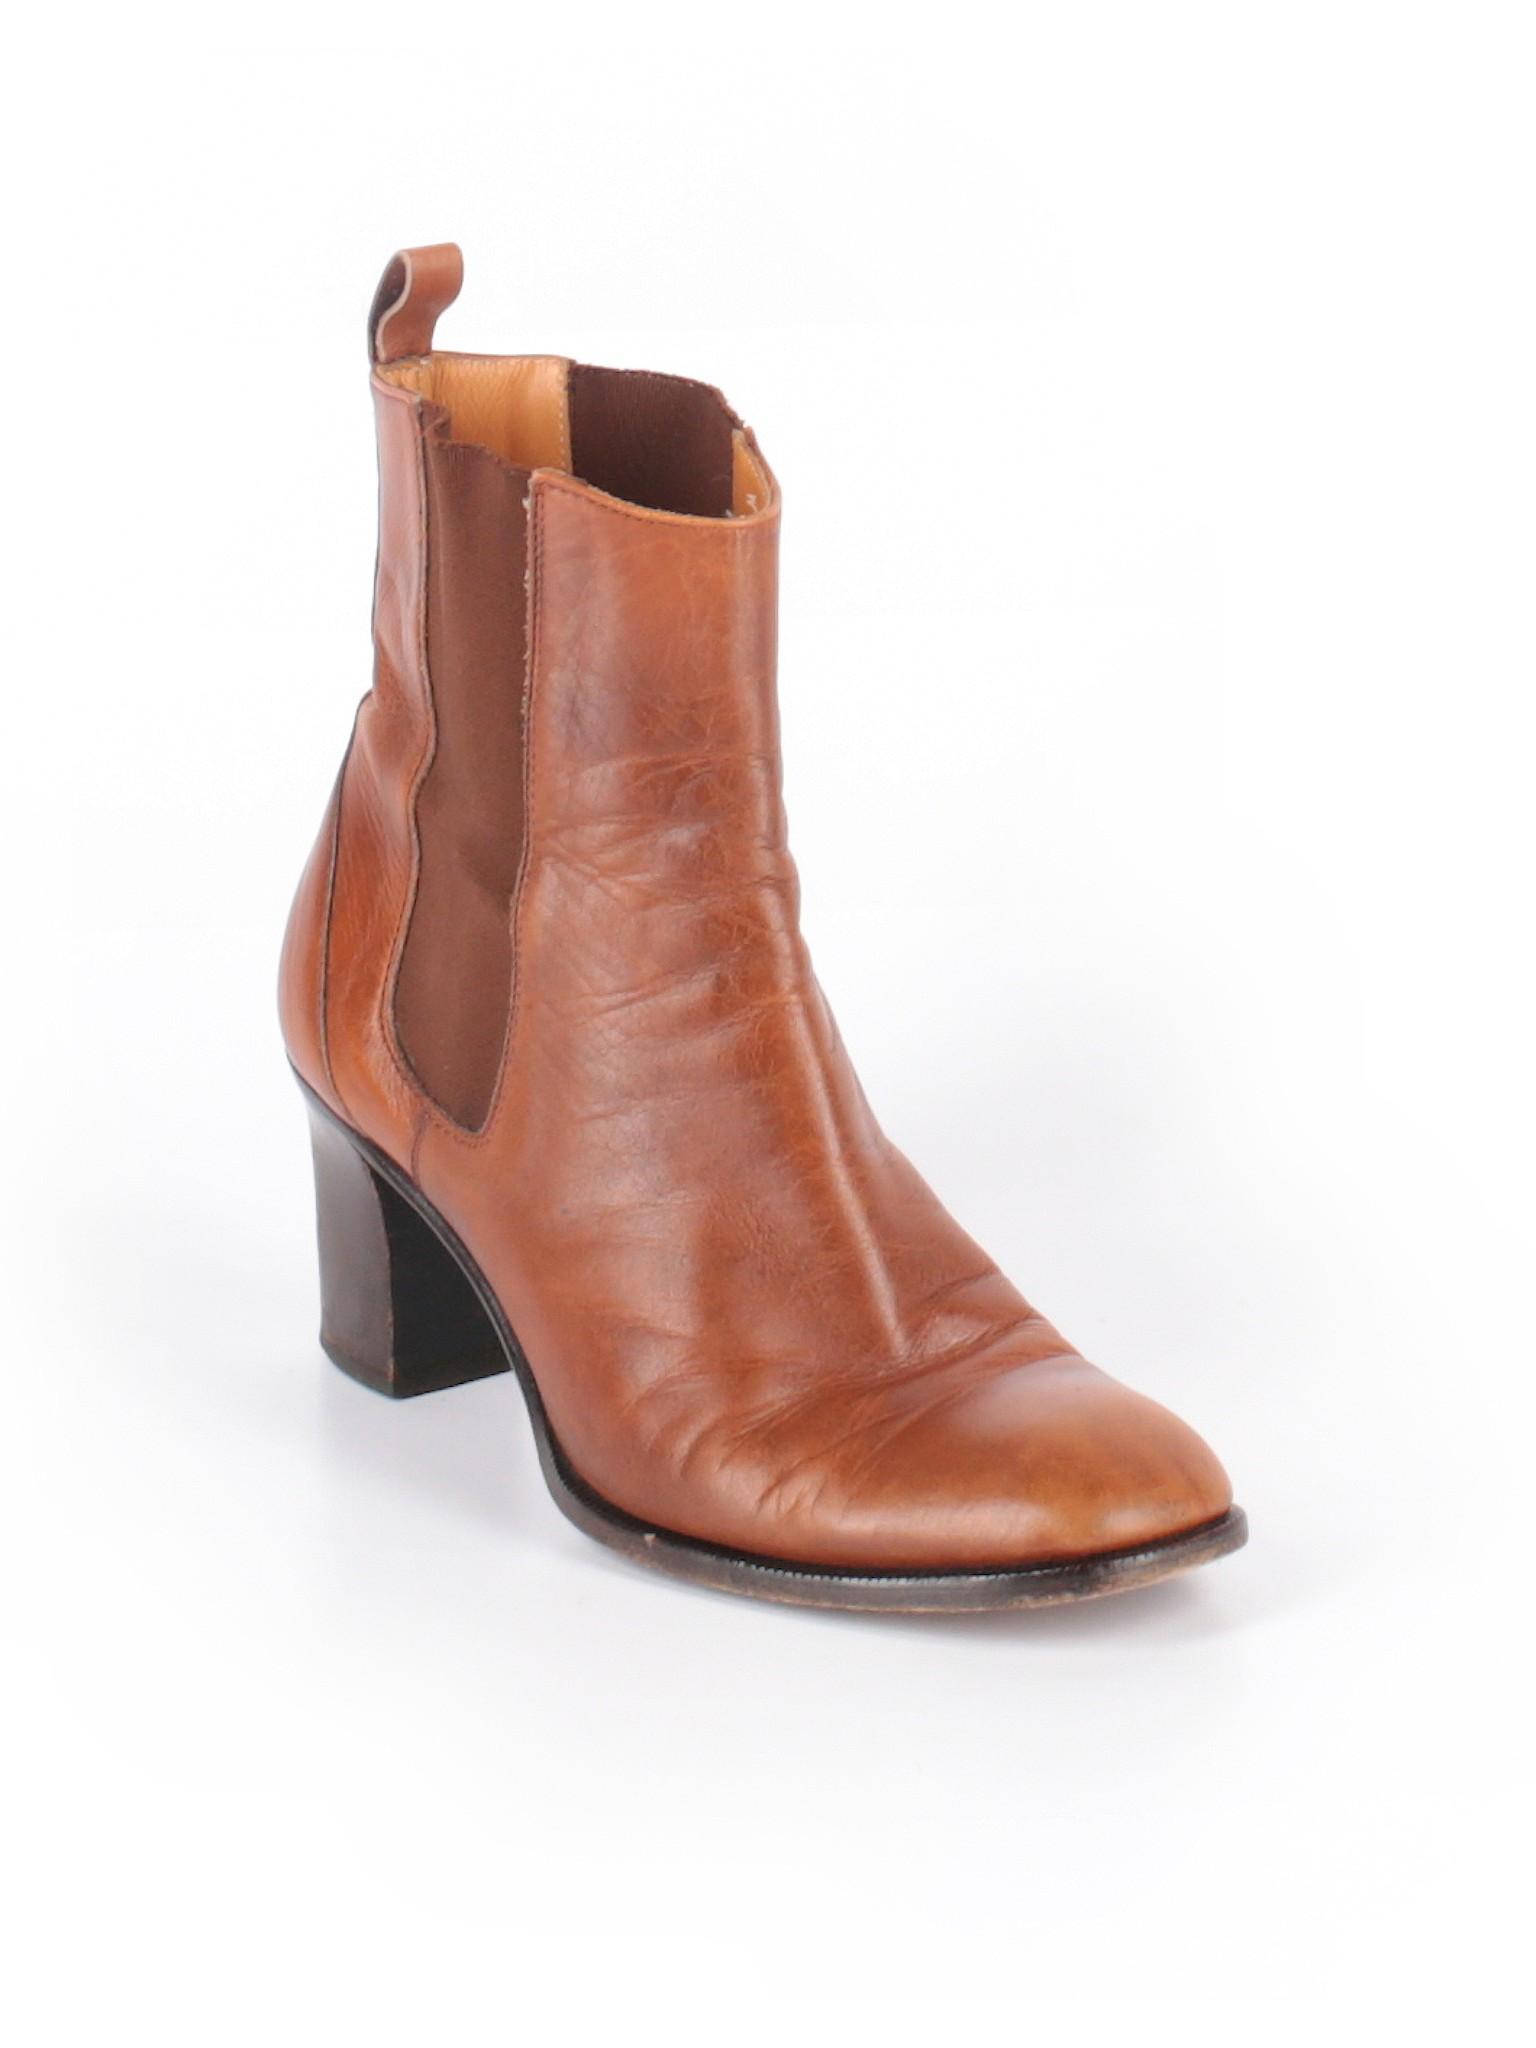 Boots Ankle Ralph Boutique Collection Lauren promotion Spq0U